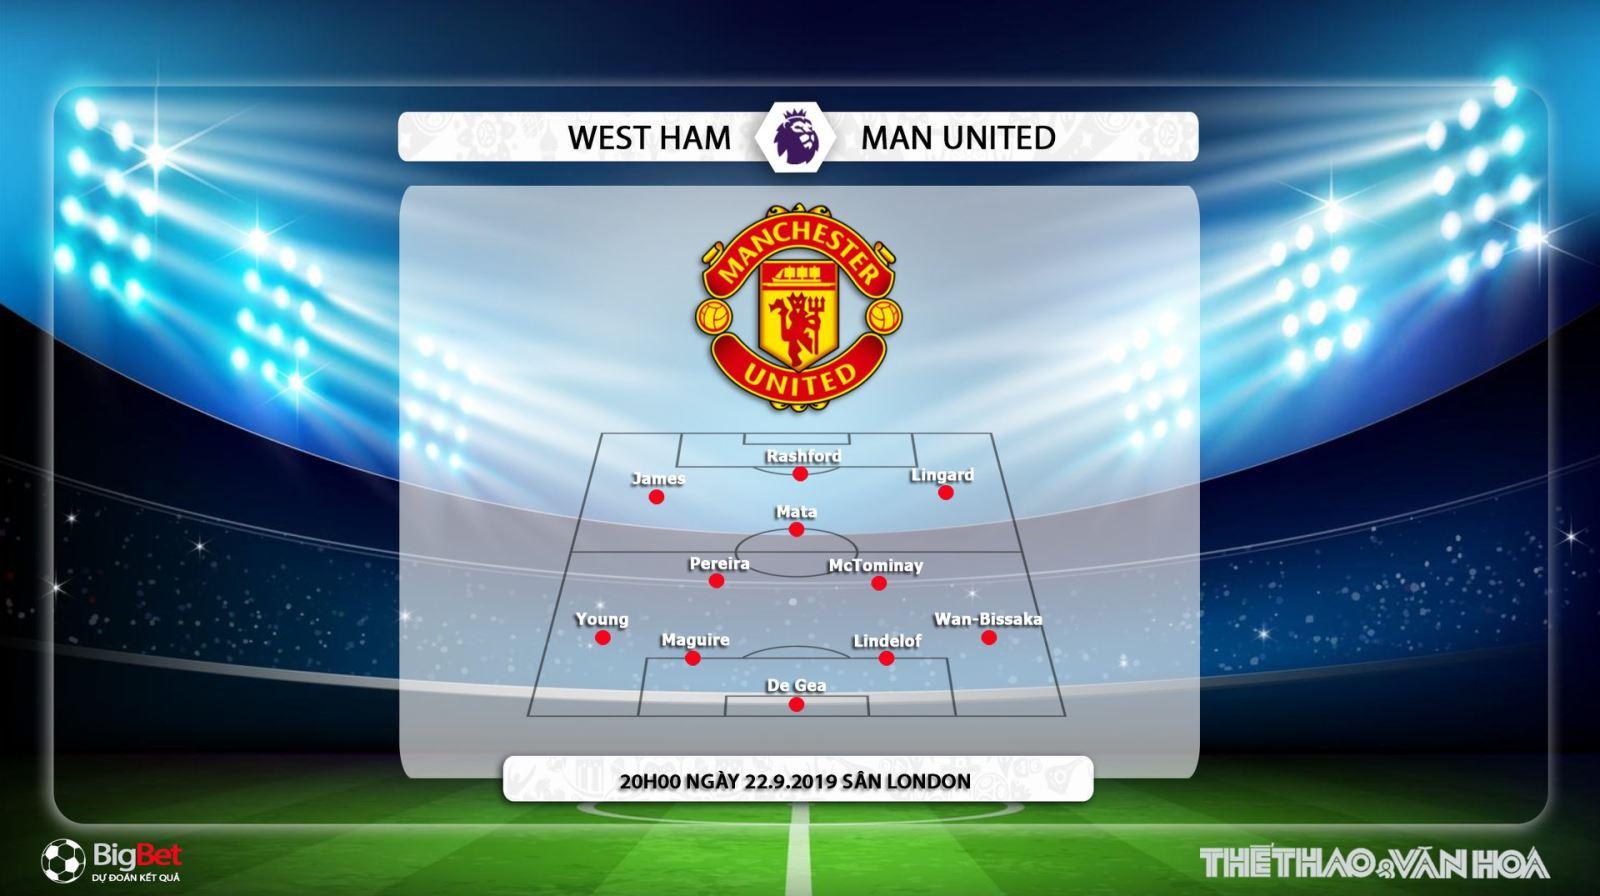 soi kèo bóng đá, West Ham đấu với Man Utd, truc tiep bong da hôm nay, MU vs West Ham, trực tiếp bóng đá, K+, K+PM, K+PC, West Ham vs MU, xem bóng đá trực tuyến, MU